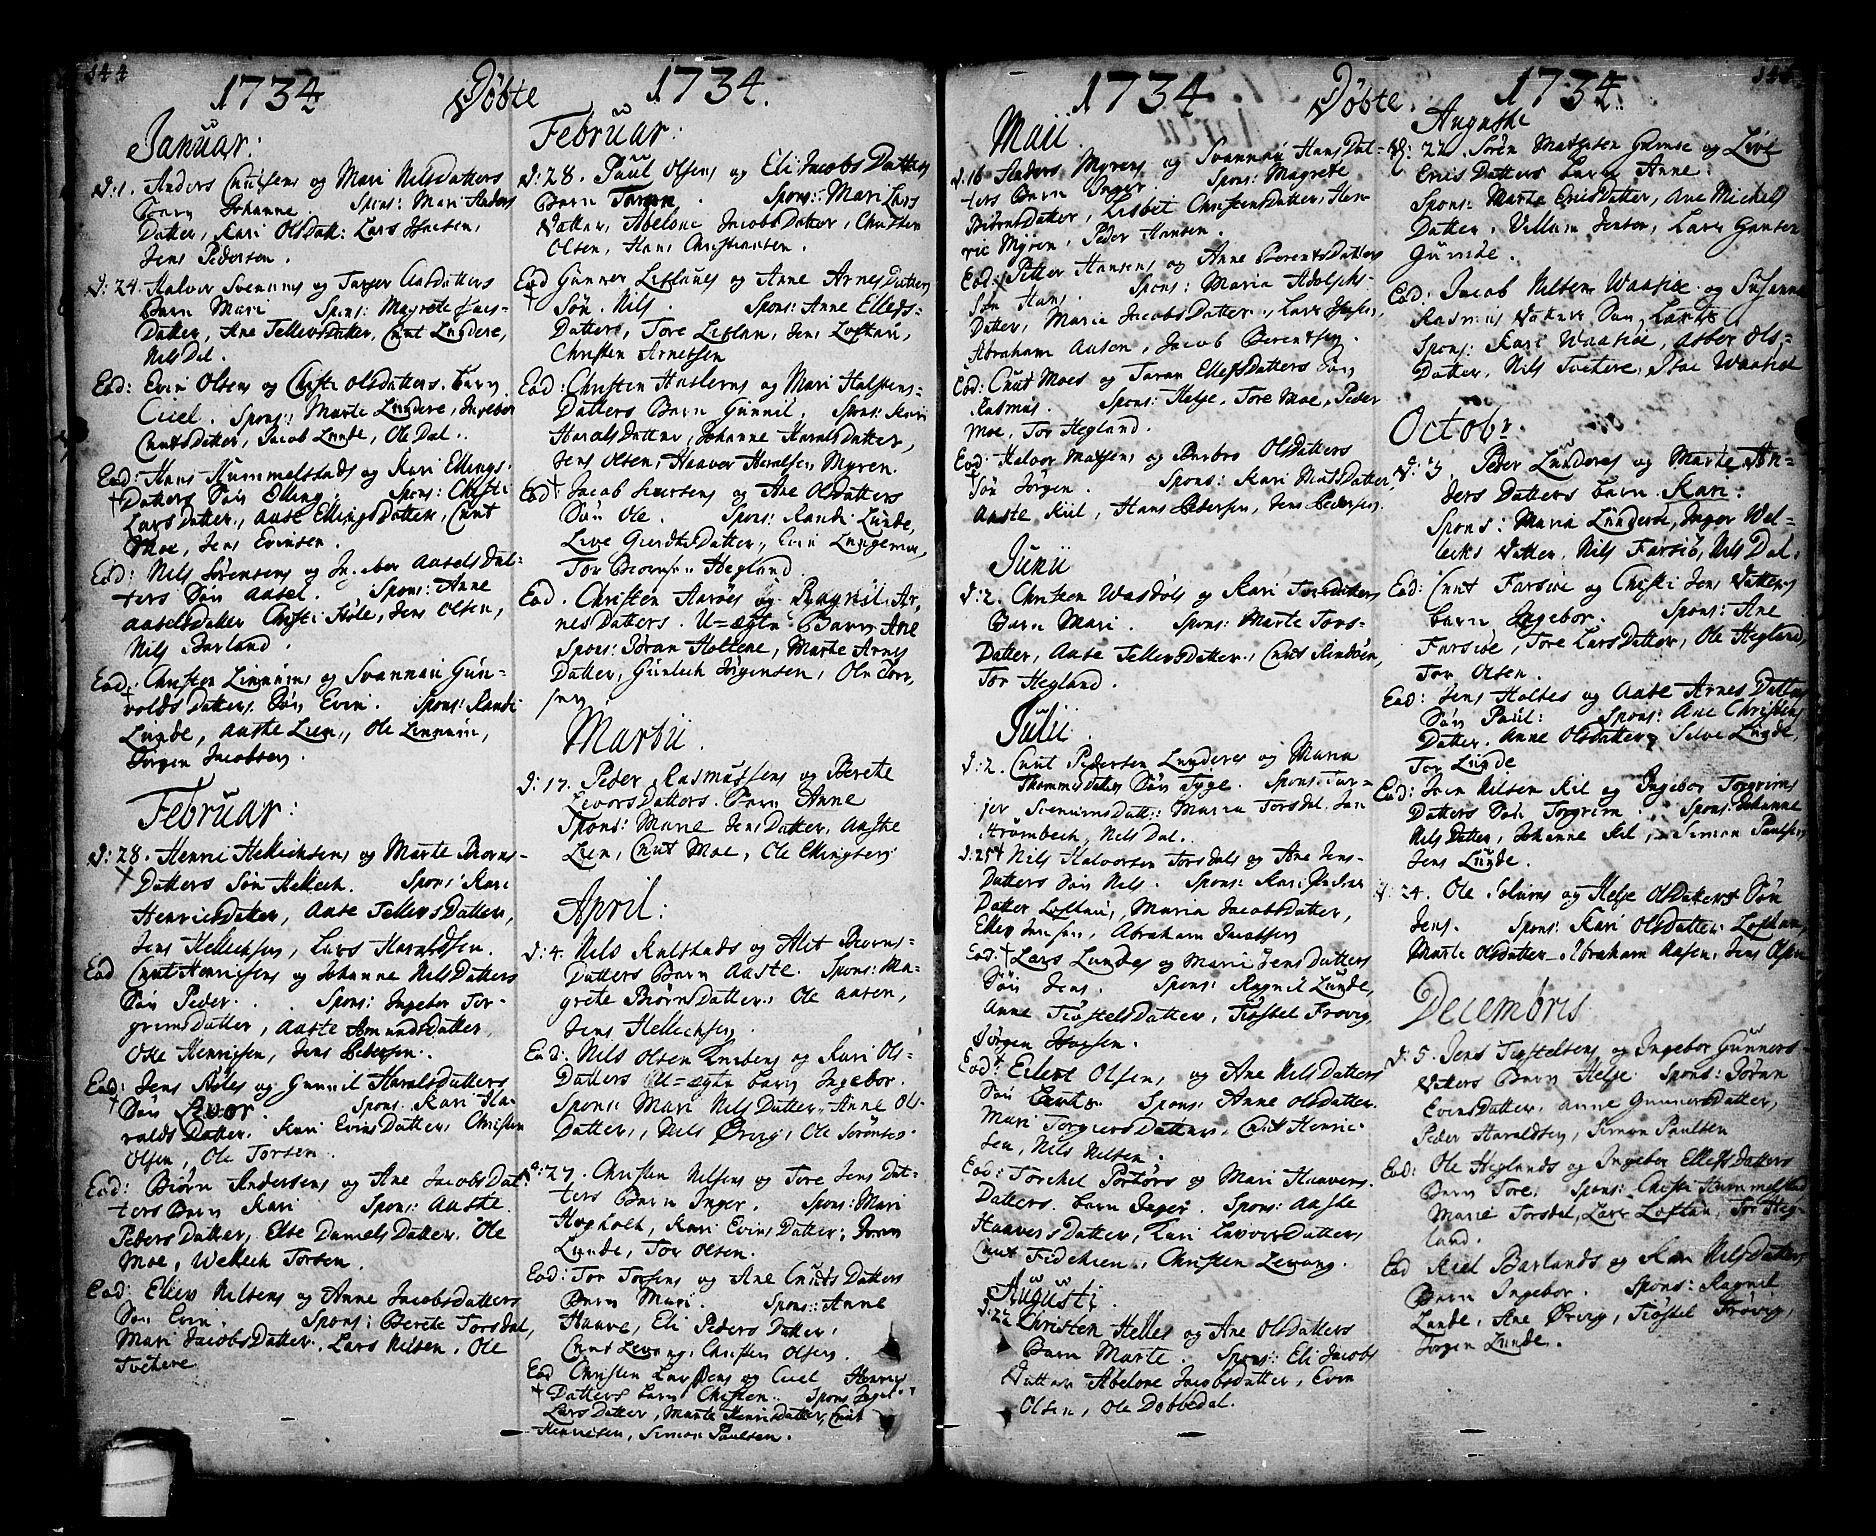 SAKO, Sannidal kirkebøker, F/Fa/L0001: Ministerialbok nr. 1, 1702-1766, s. 144-145